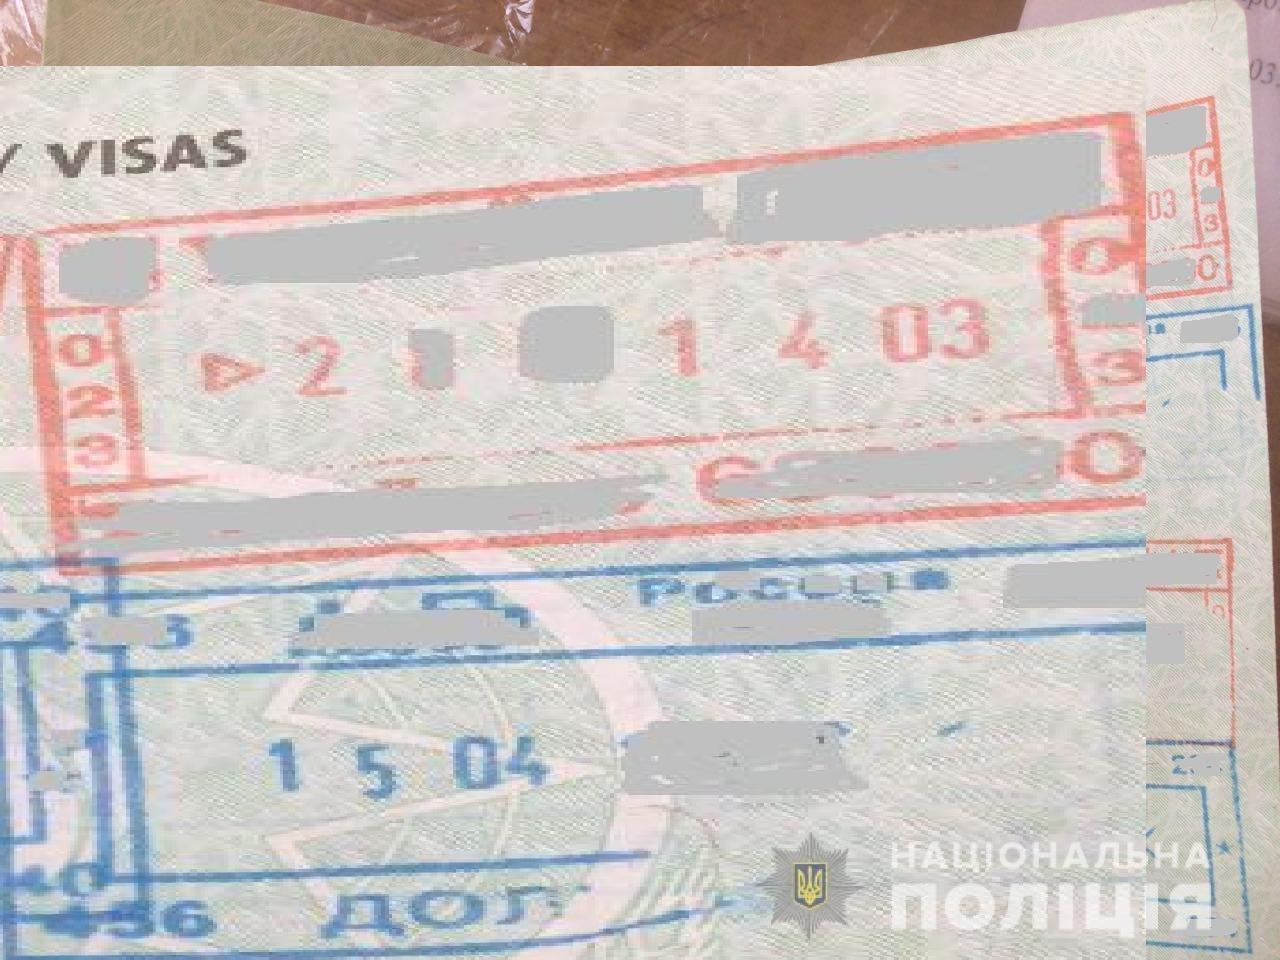 50-летний гражданин Таджикистана пытался выехать из Украины и предъявил пограничникам паспорт с поддельными печатями о пересечении границы.